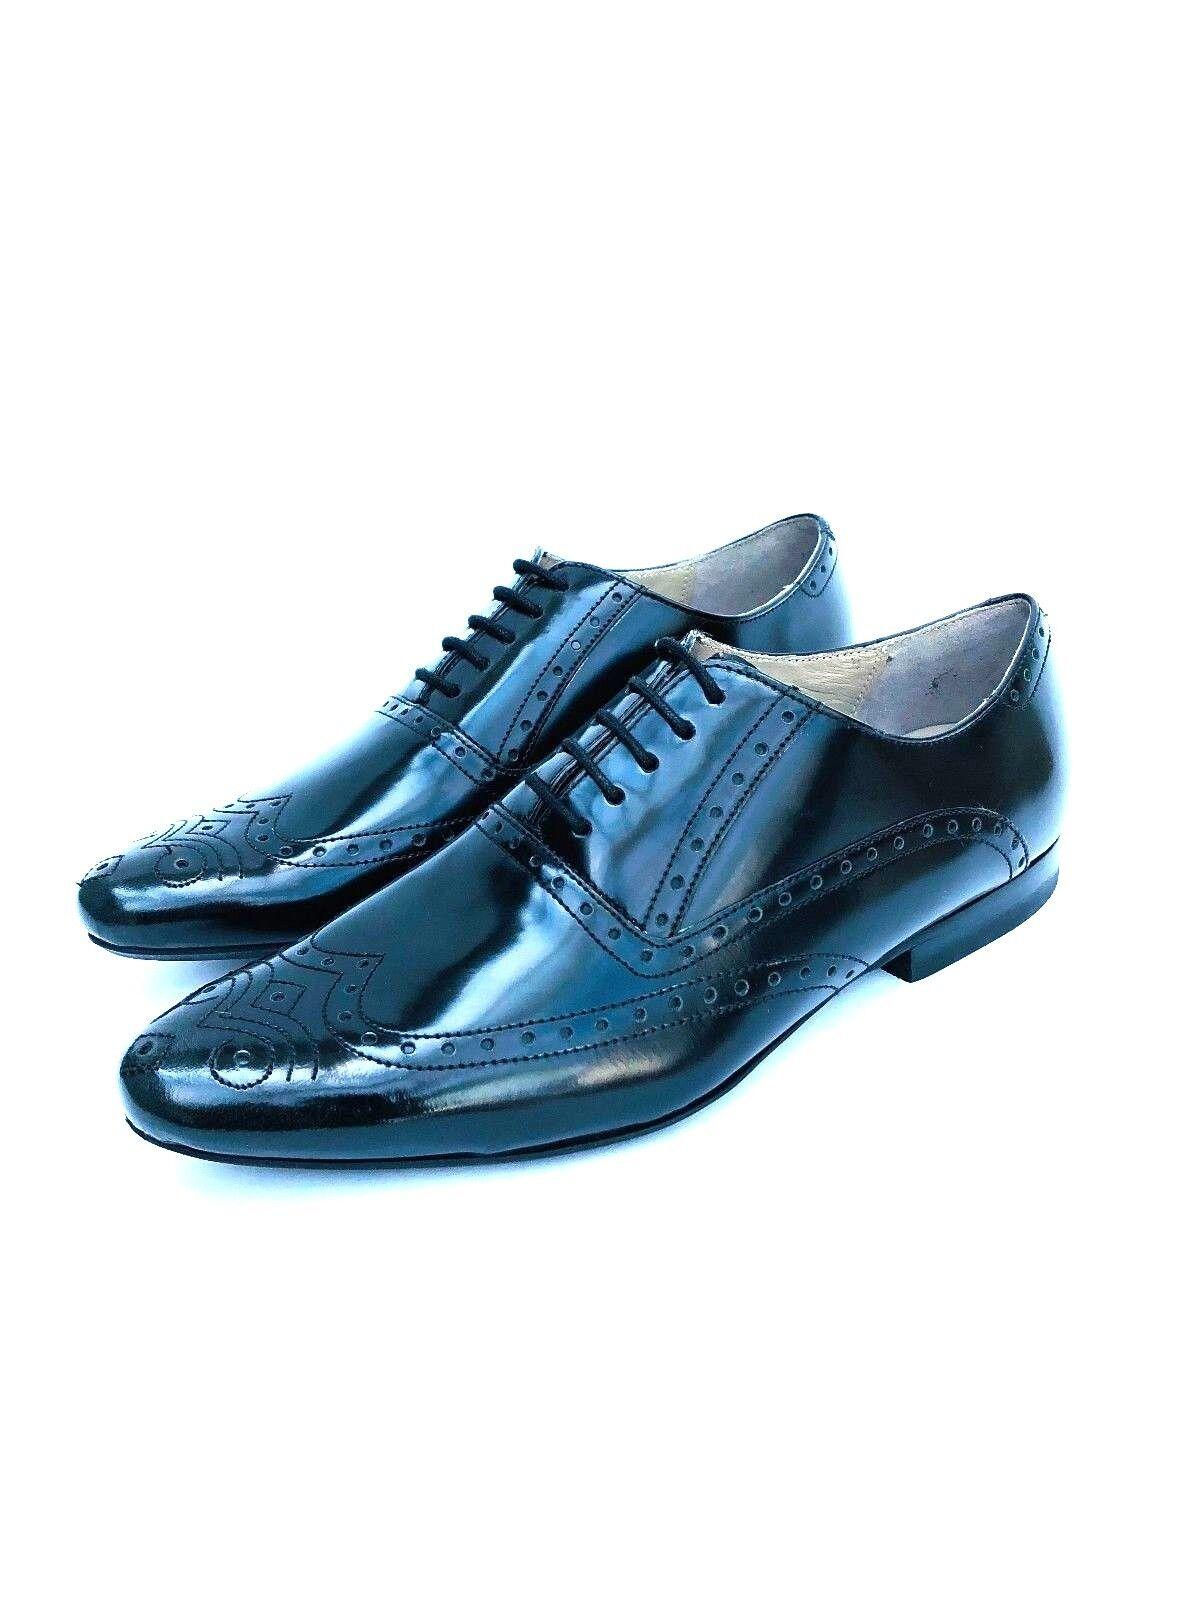 Clarks à Richelieu Enfiler en Cuir Noir pour Homme Chaussures Richelieu à Habillées Ru 1d6314